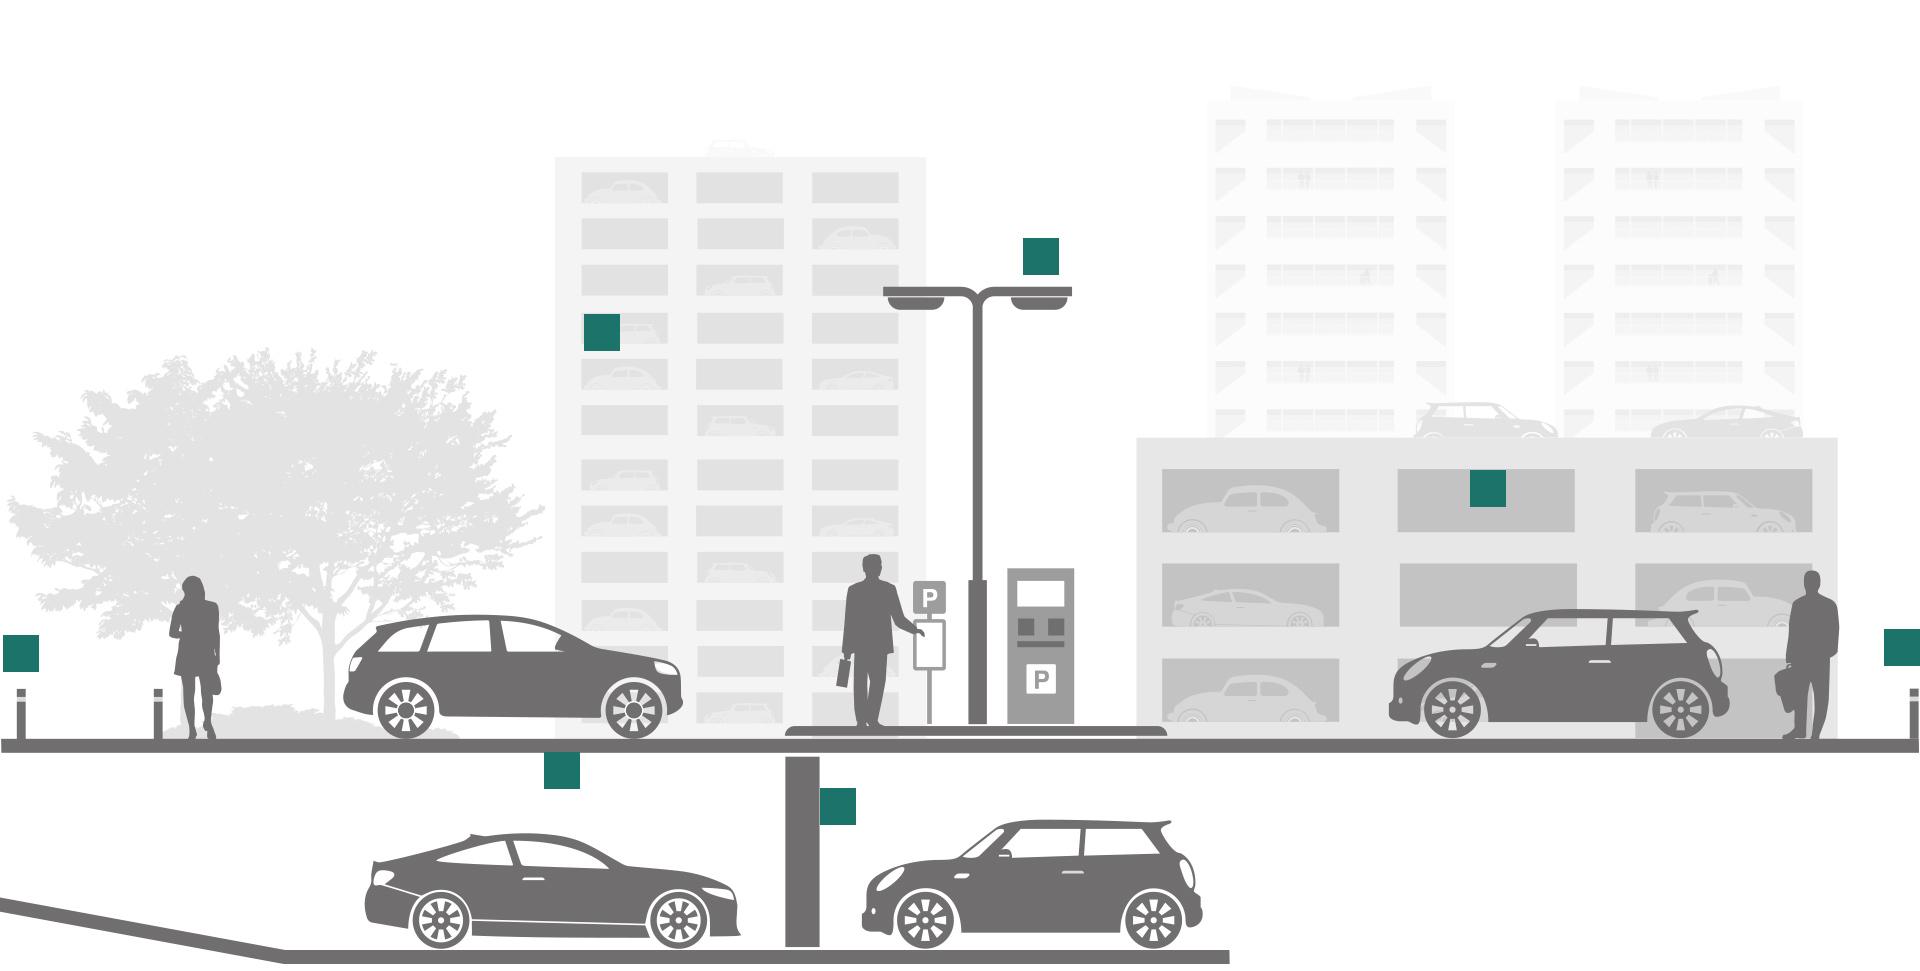 Community_Public_applications_carparks